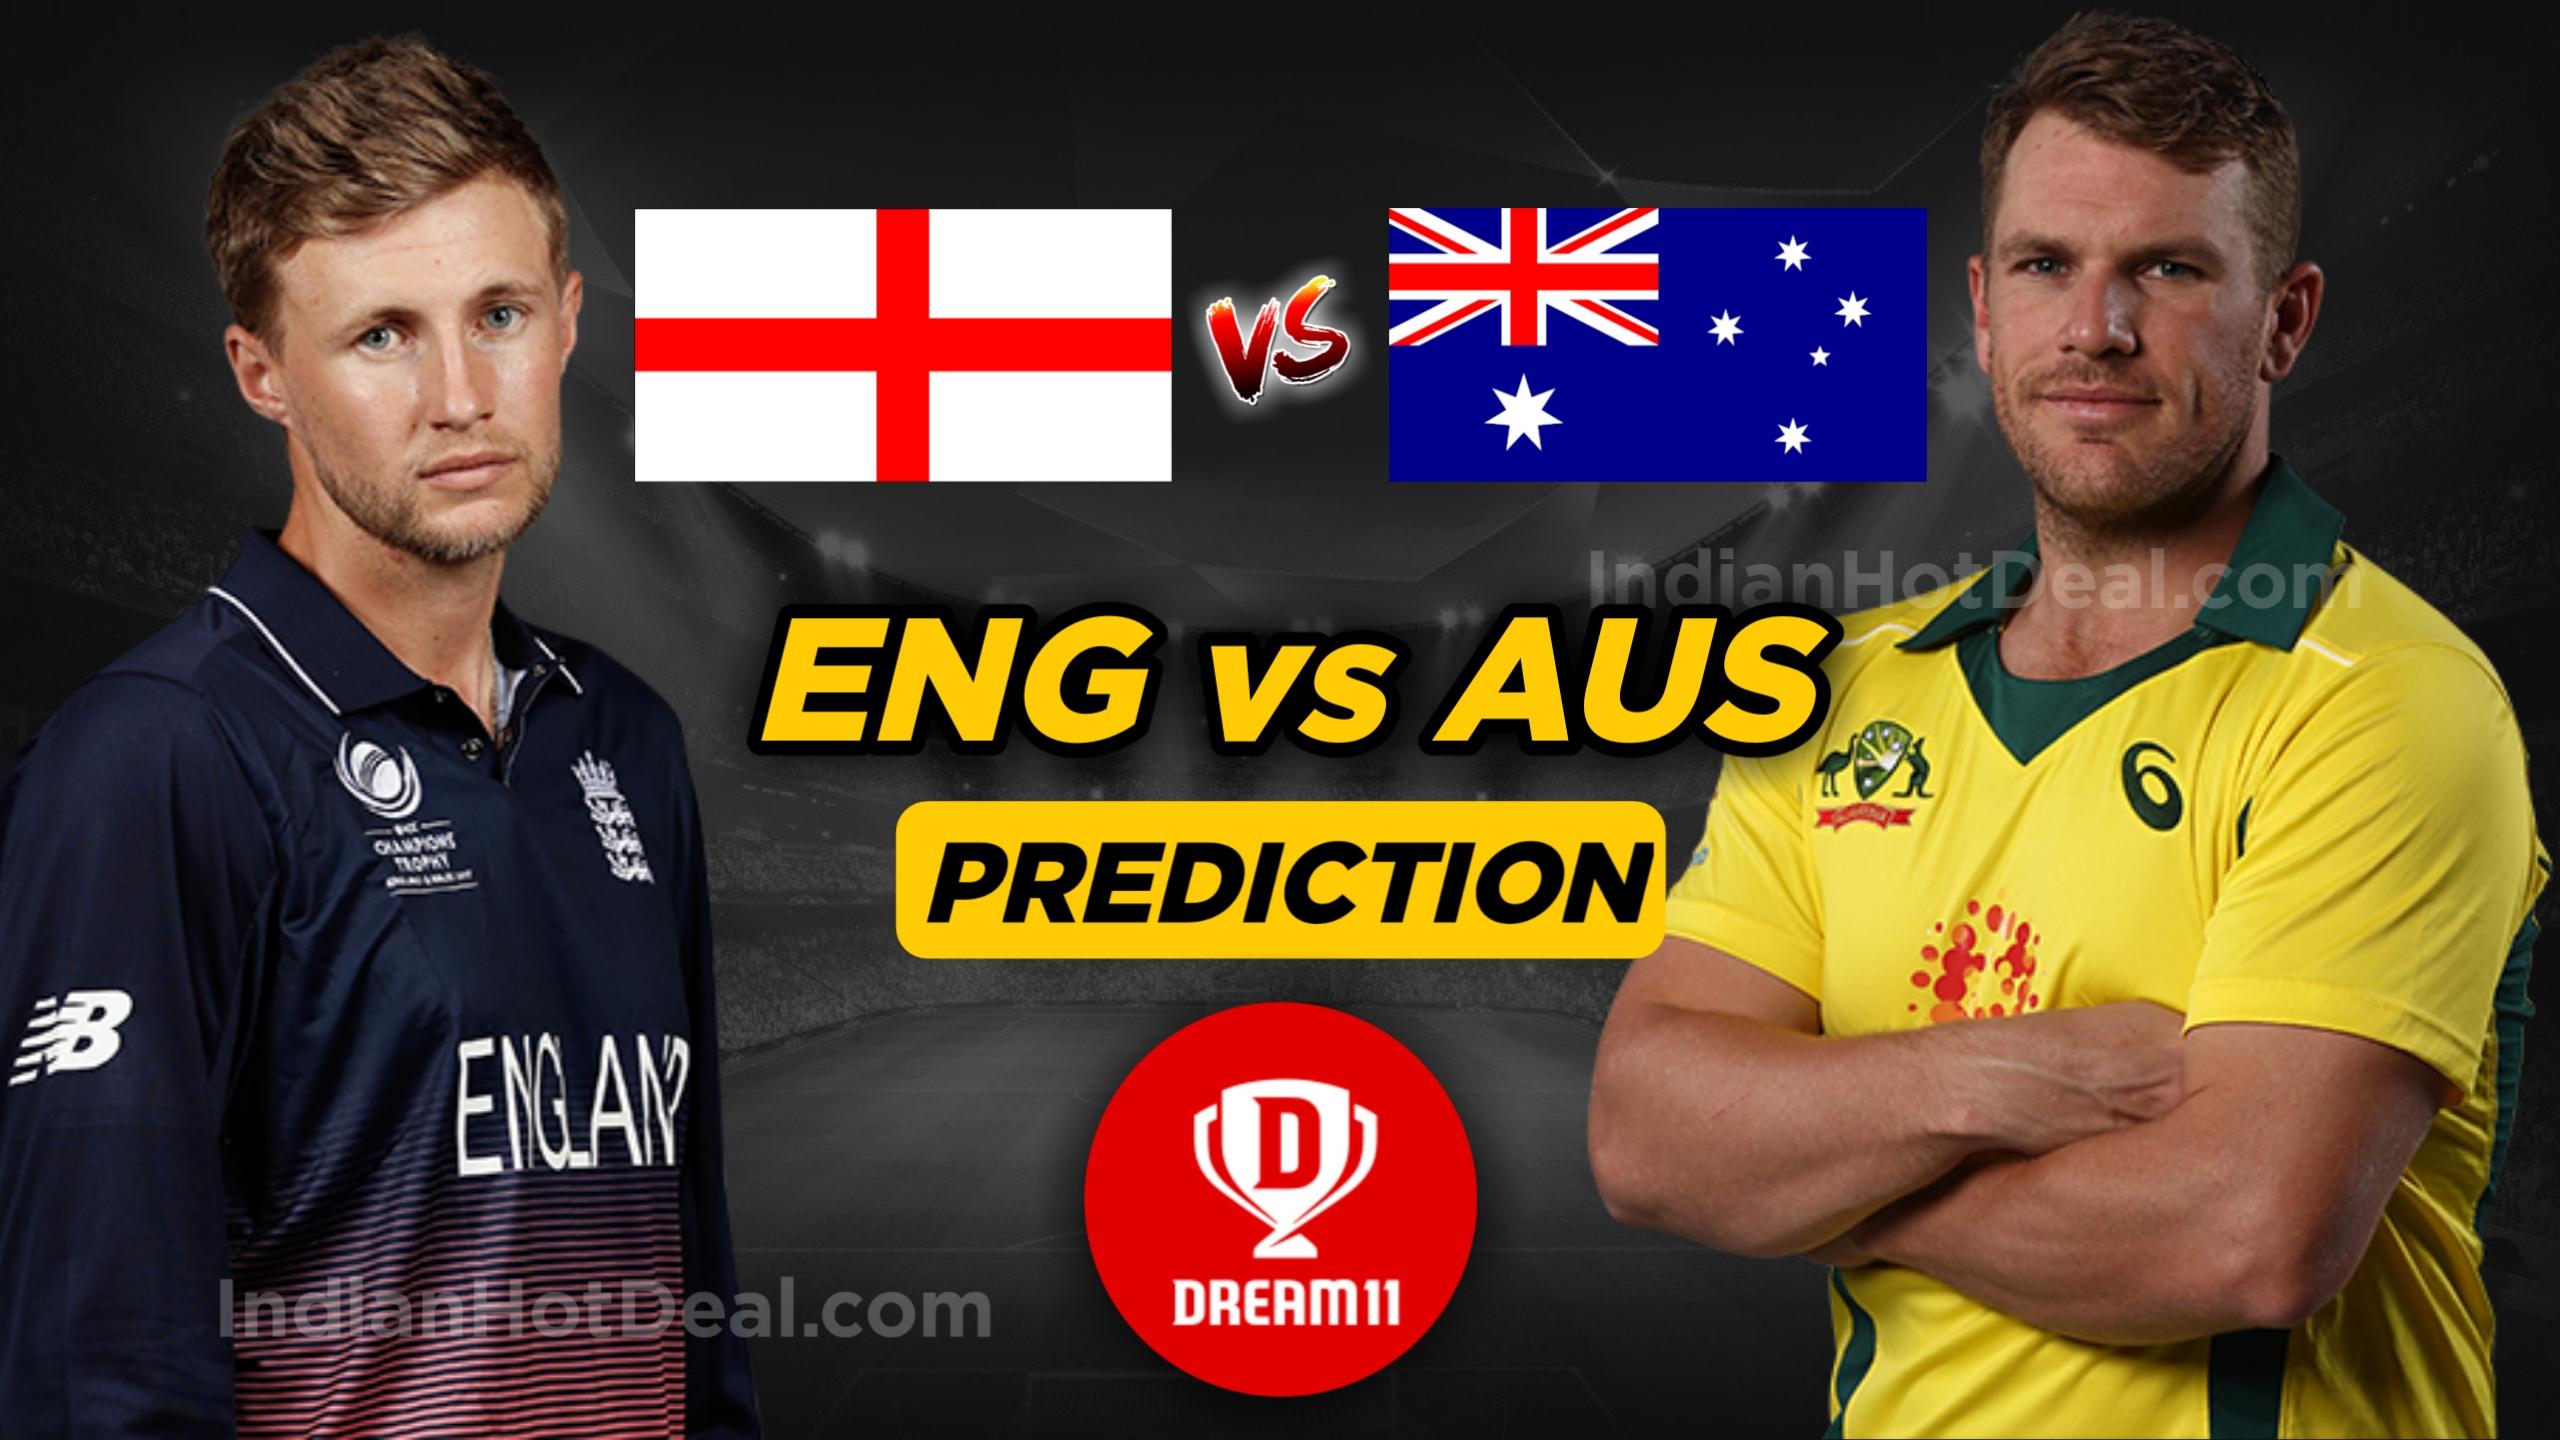 ENG vs AUS The Ashes 5th Test Dream11 Team